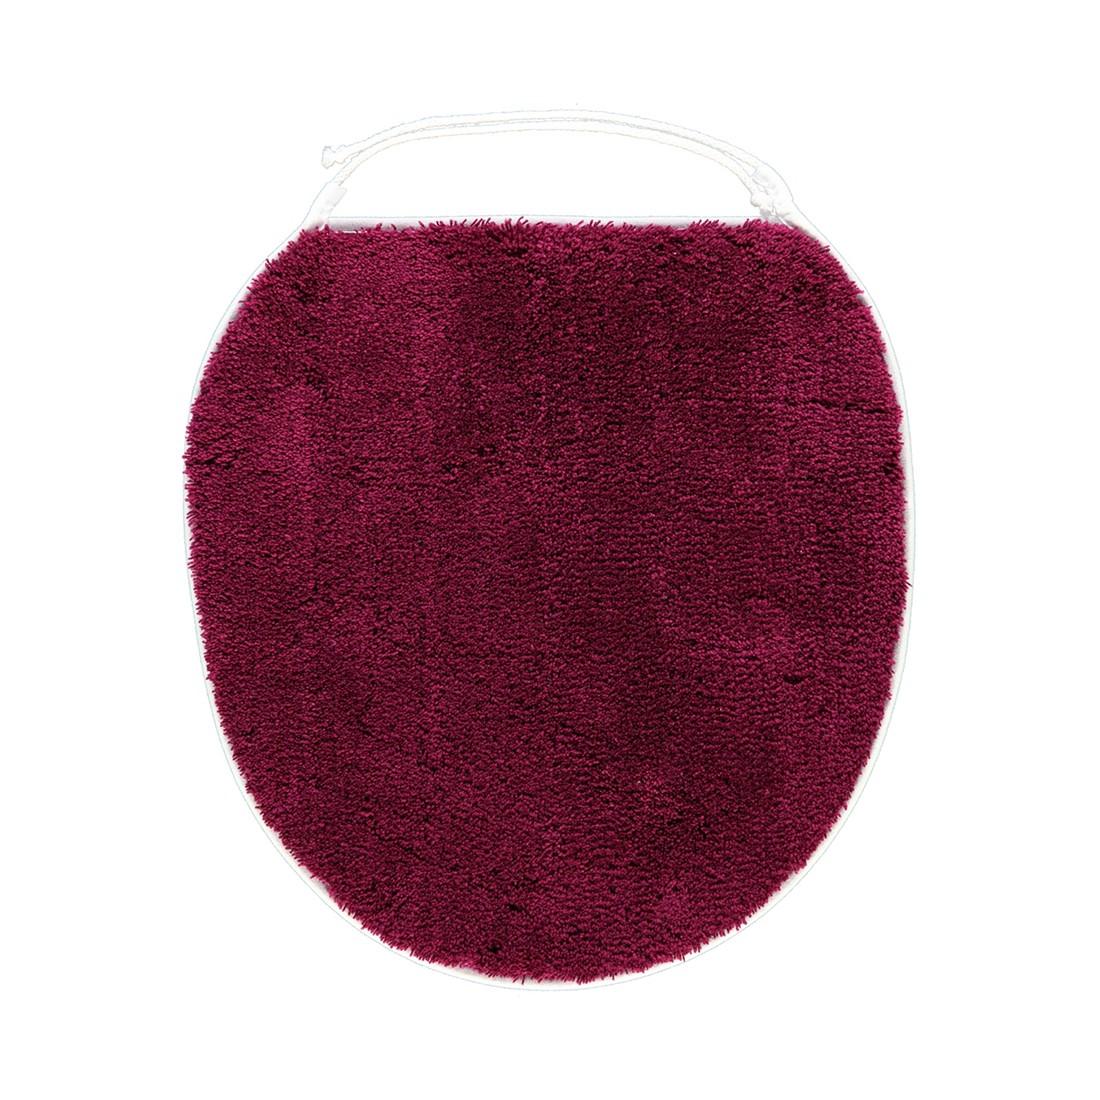 Deckelbezug Soft – 100% Polyacryl Purple – 461, Kleine Wolke jetzt bestellen